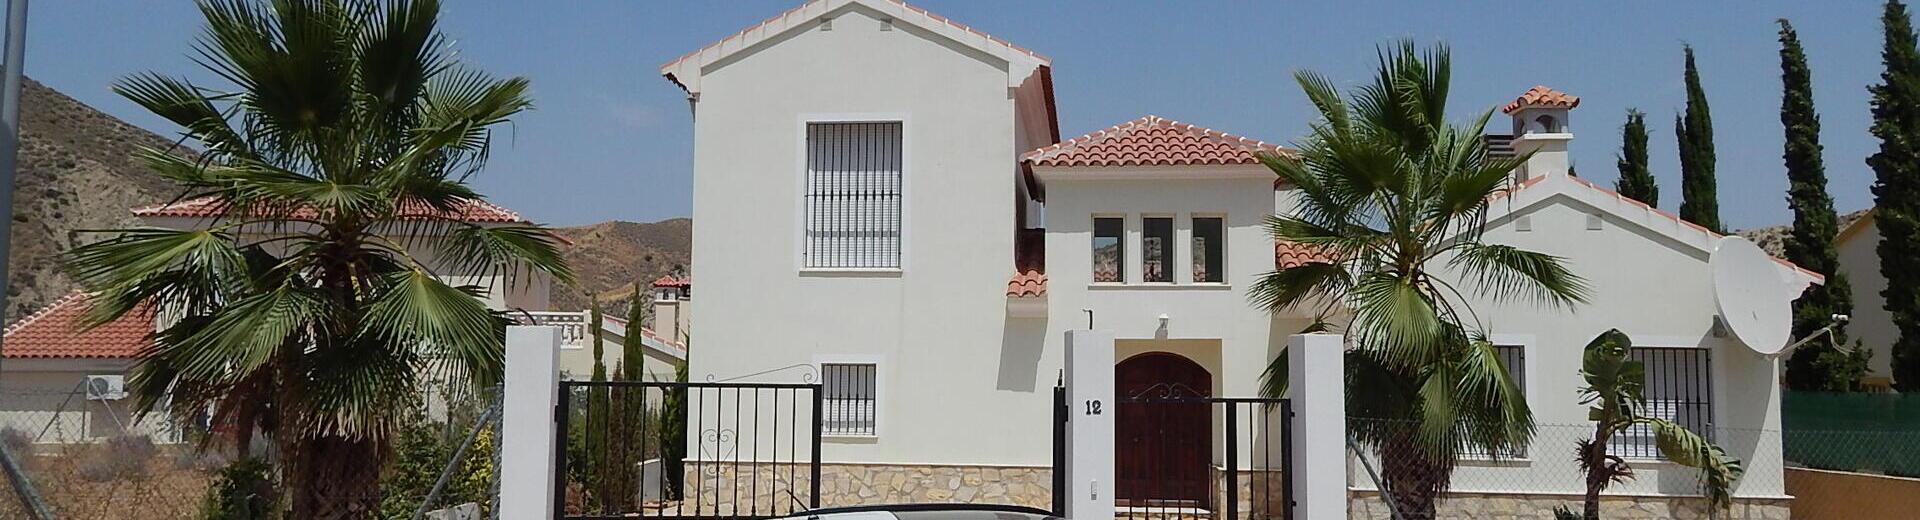 VIP7445: Villa en Venta